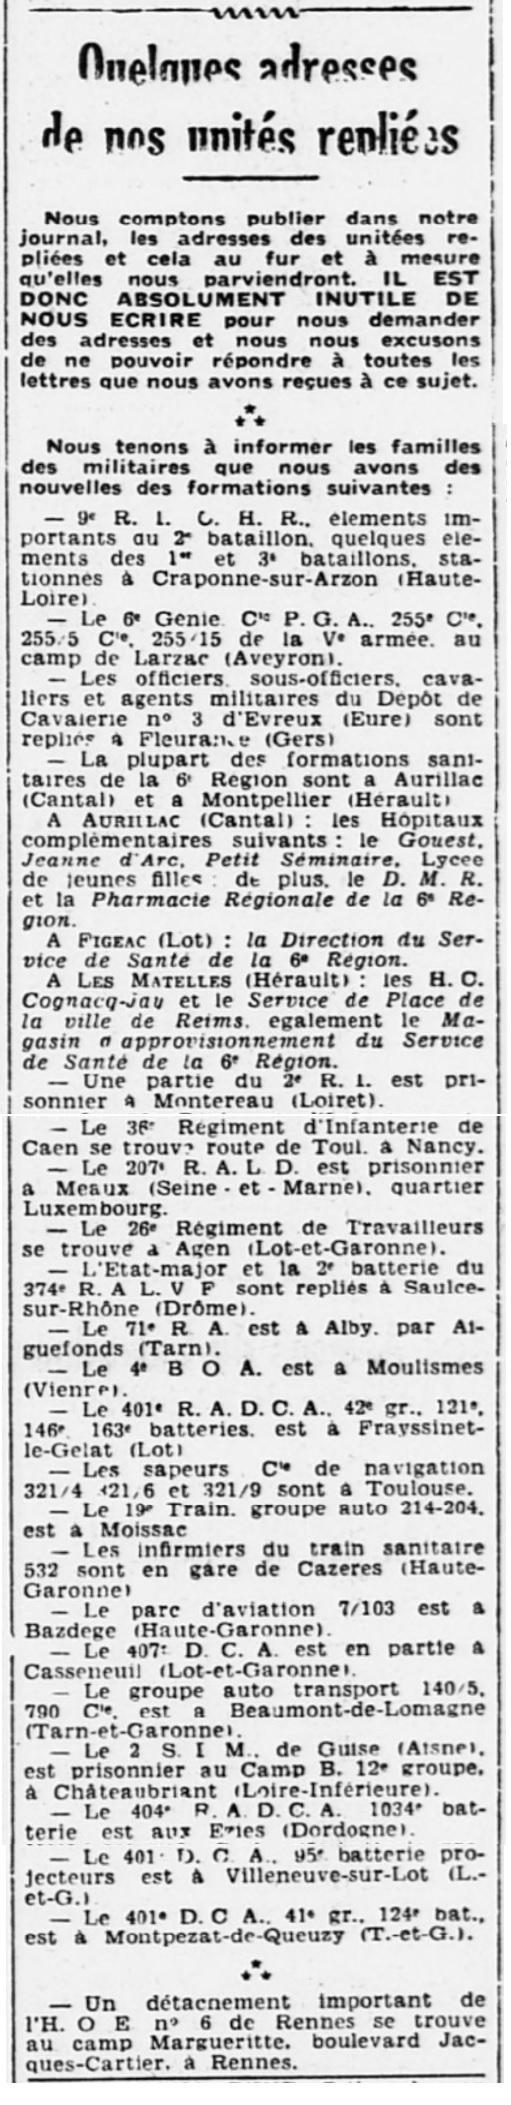 Liste des centres de repli des unités françaises 19400724